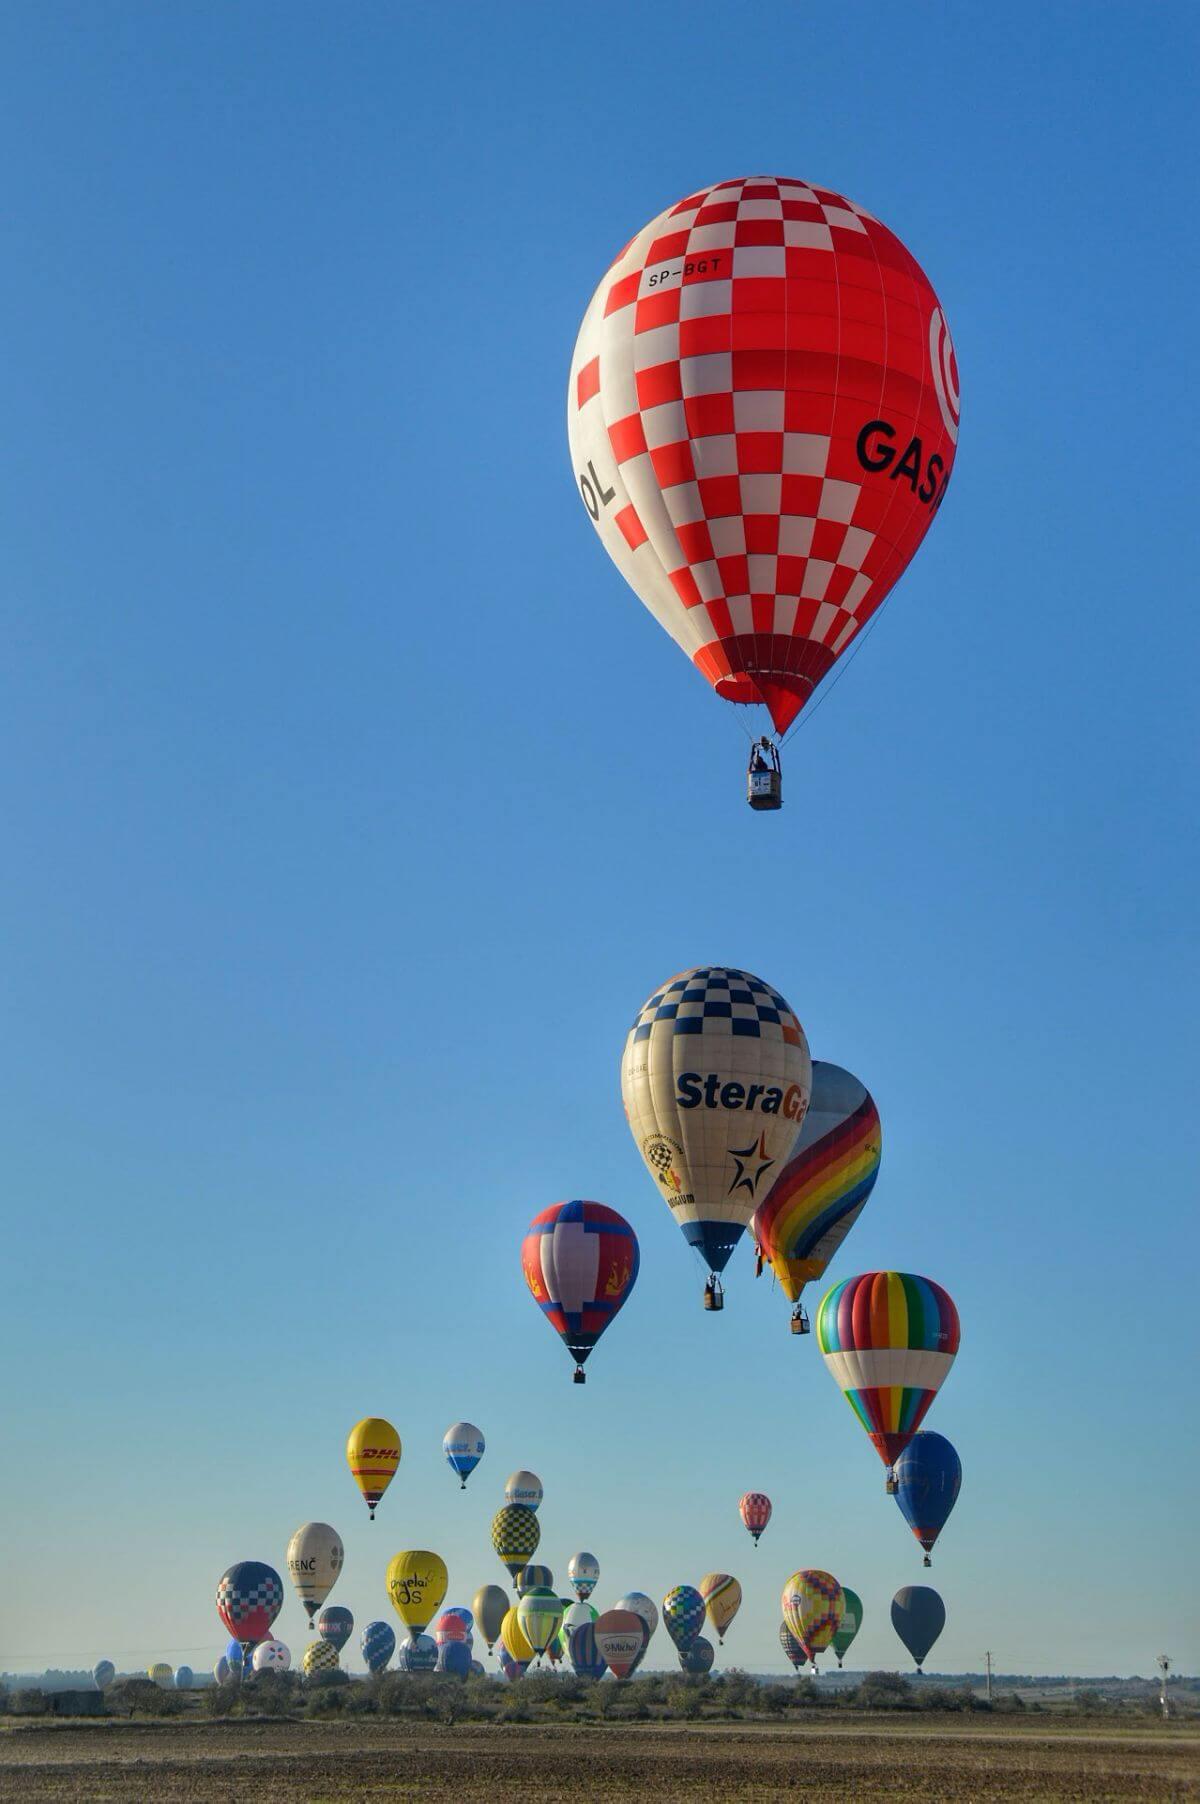 Campeonato europeo de globos aerostáticos en Mallorca